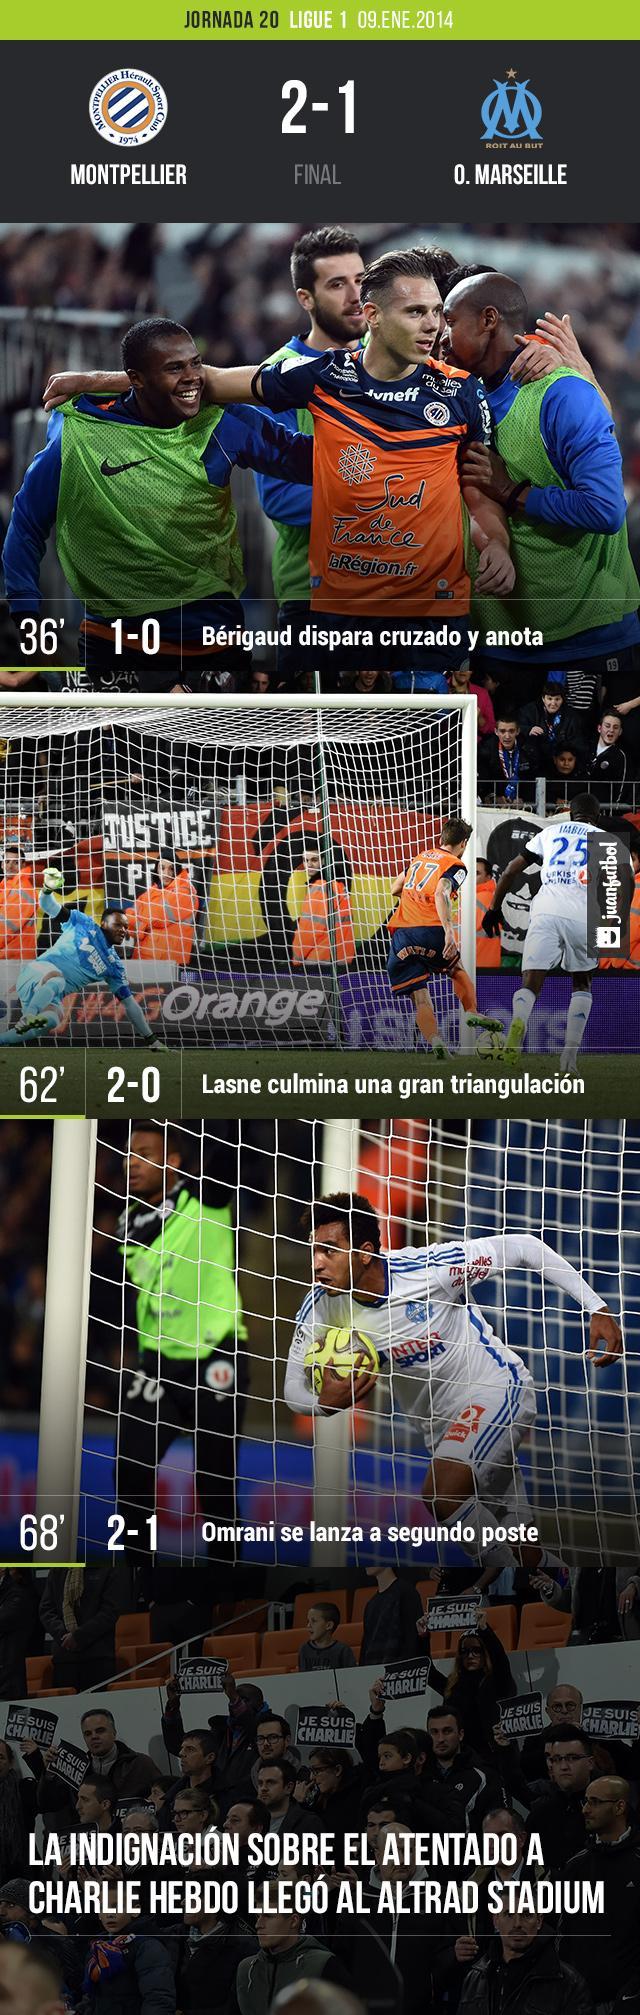 El Montpellier dio un golpe de autoridad en cas a al vencer 2-1 al Olympique de Marseille del 'Loco' Bielsa. Esta derrota le da una ventaja al PSG de acercarse al primer lugar.